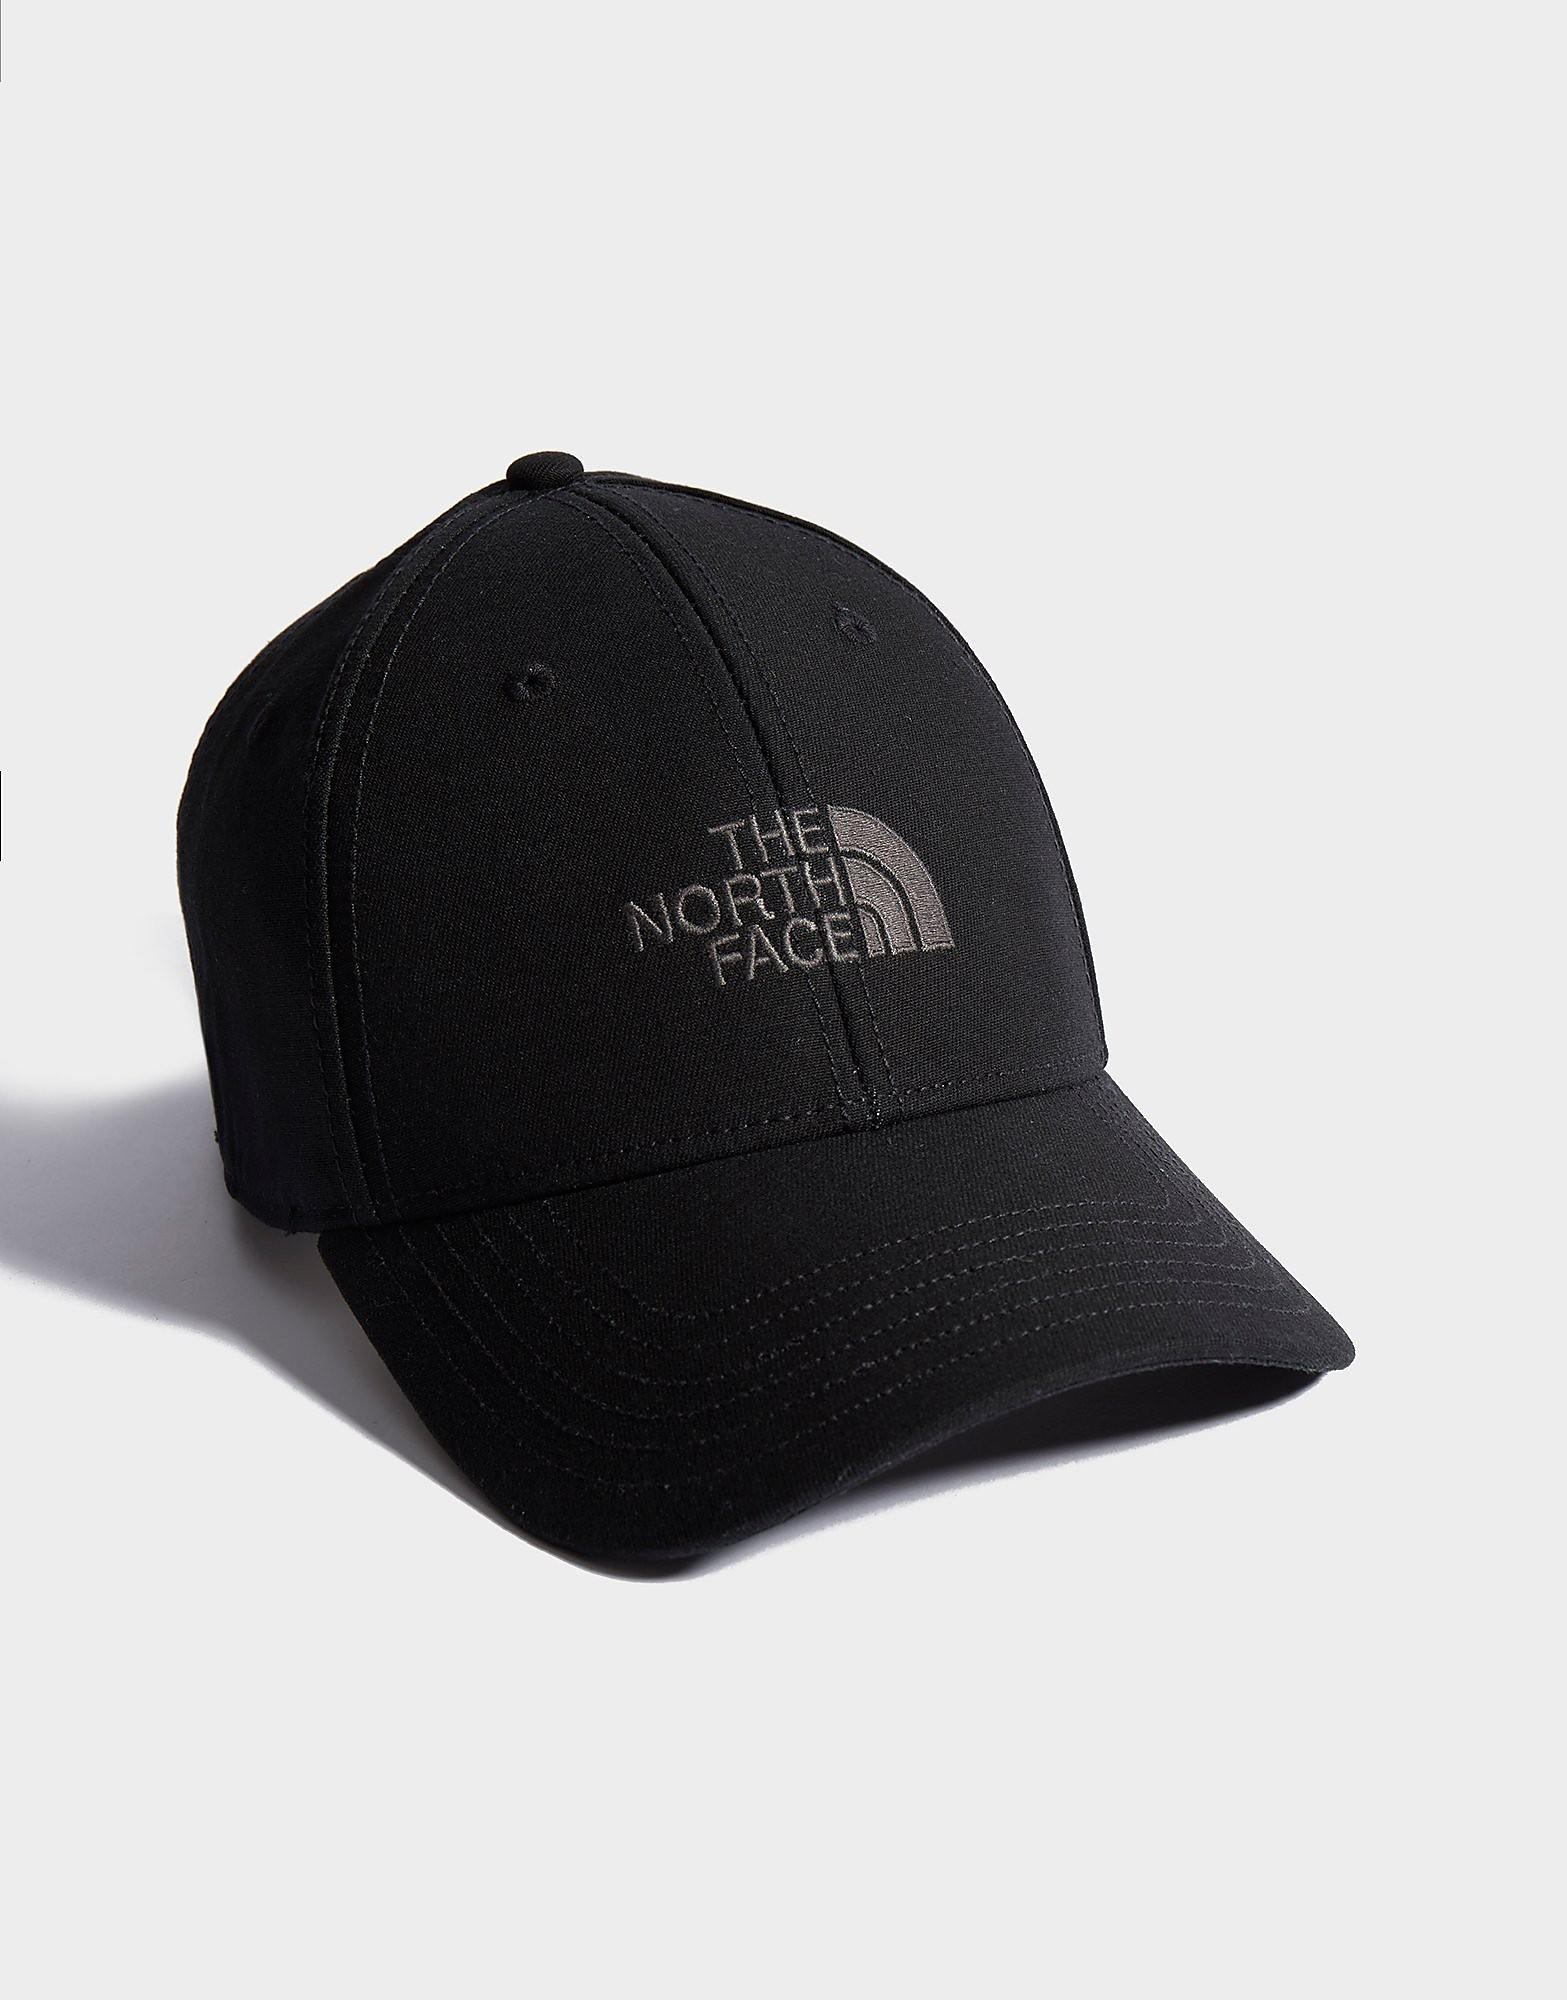 The North Face Classic Cap